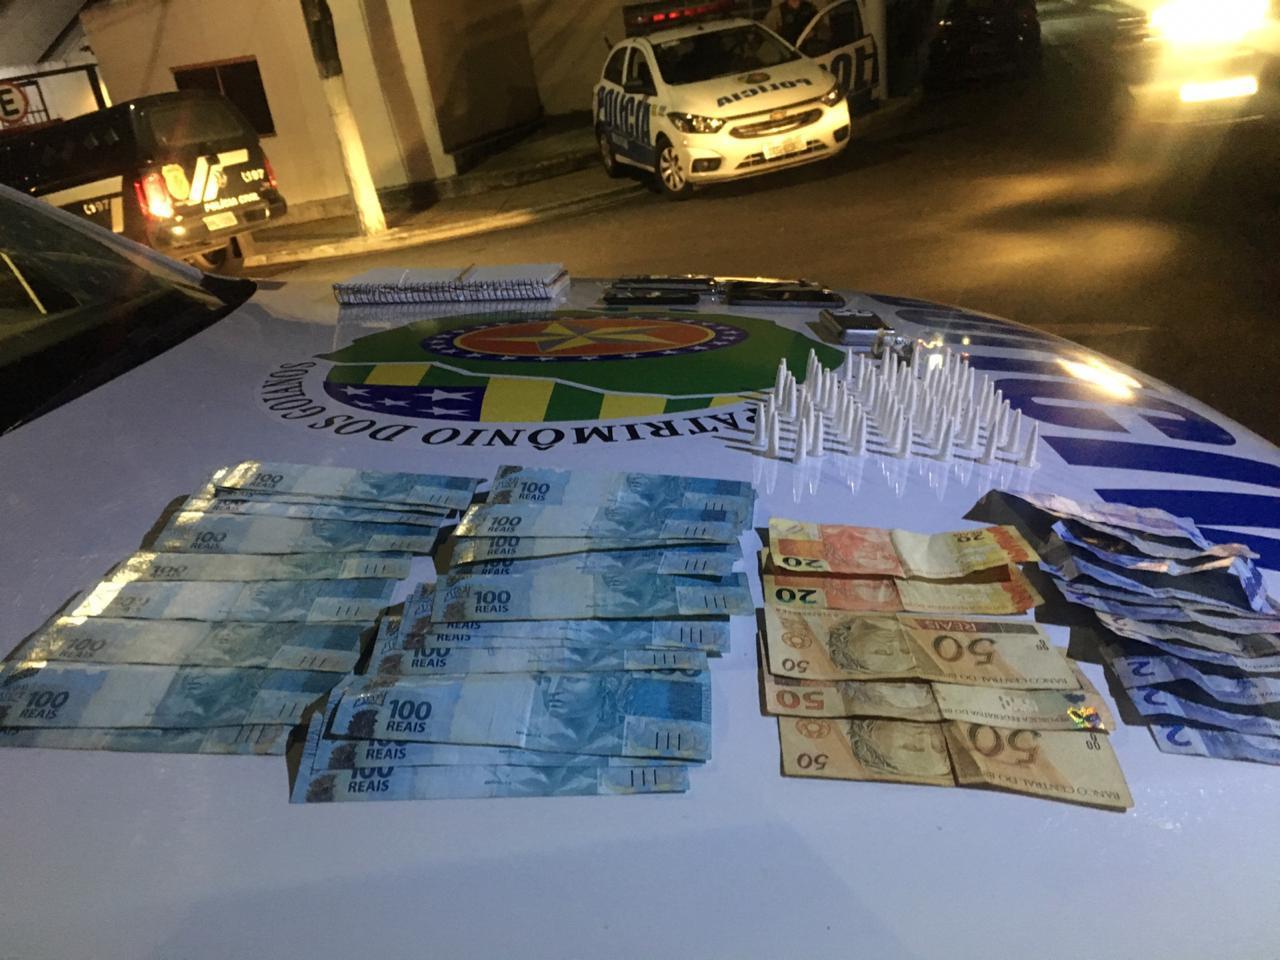 PM DE CATALÃO PRENDE HOMEM EM SANTO ANTÔNIO DO RIO VERDE E APREENDE MENOR EM CATALÃO; AMBOS SUSPEITOS POR TRÁFICO DE DROGAS